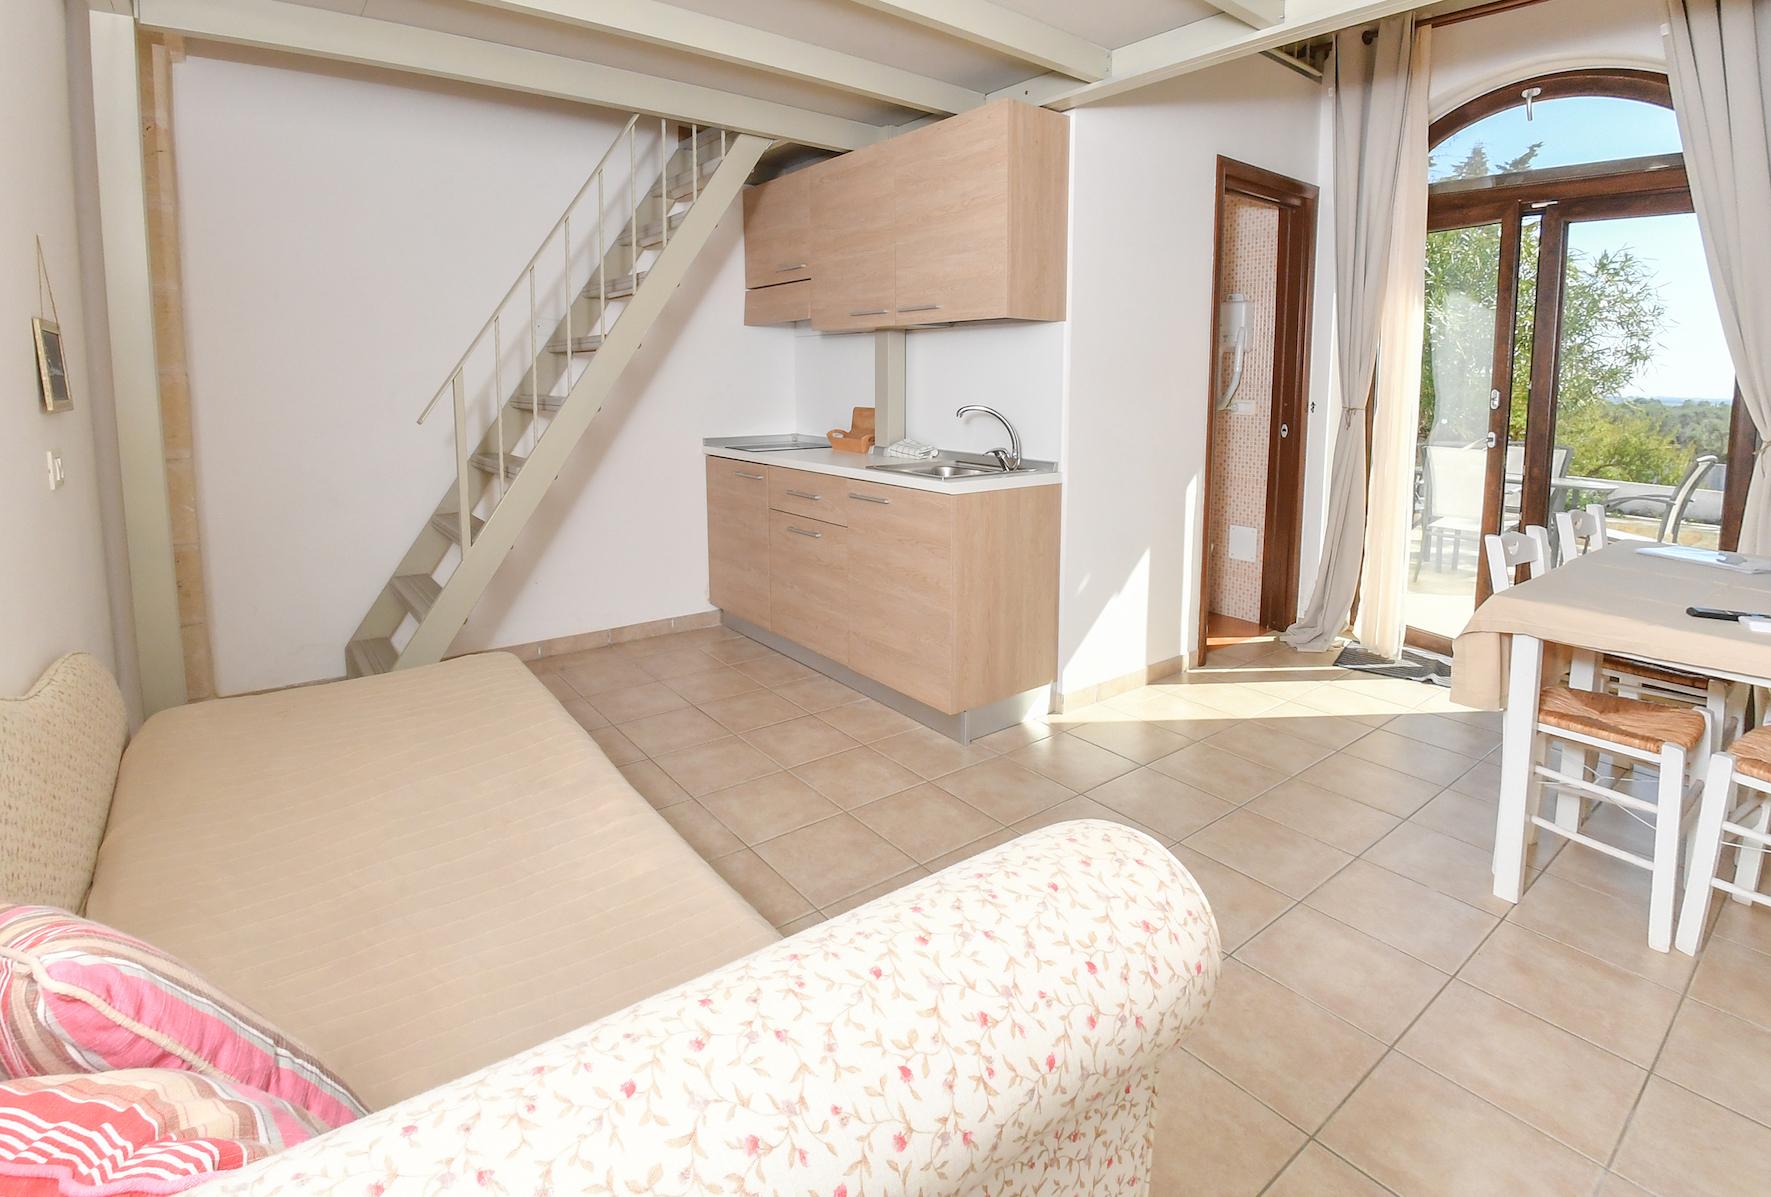 Lecce 5 - Wohnzimmer und Küche